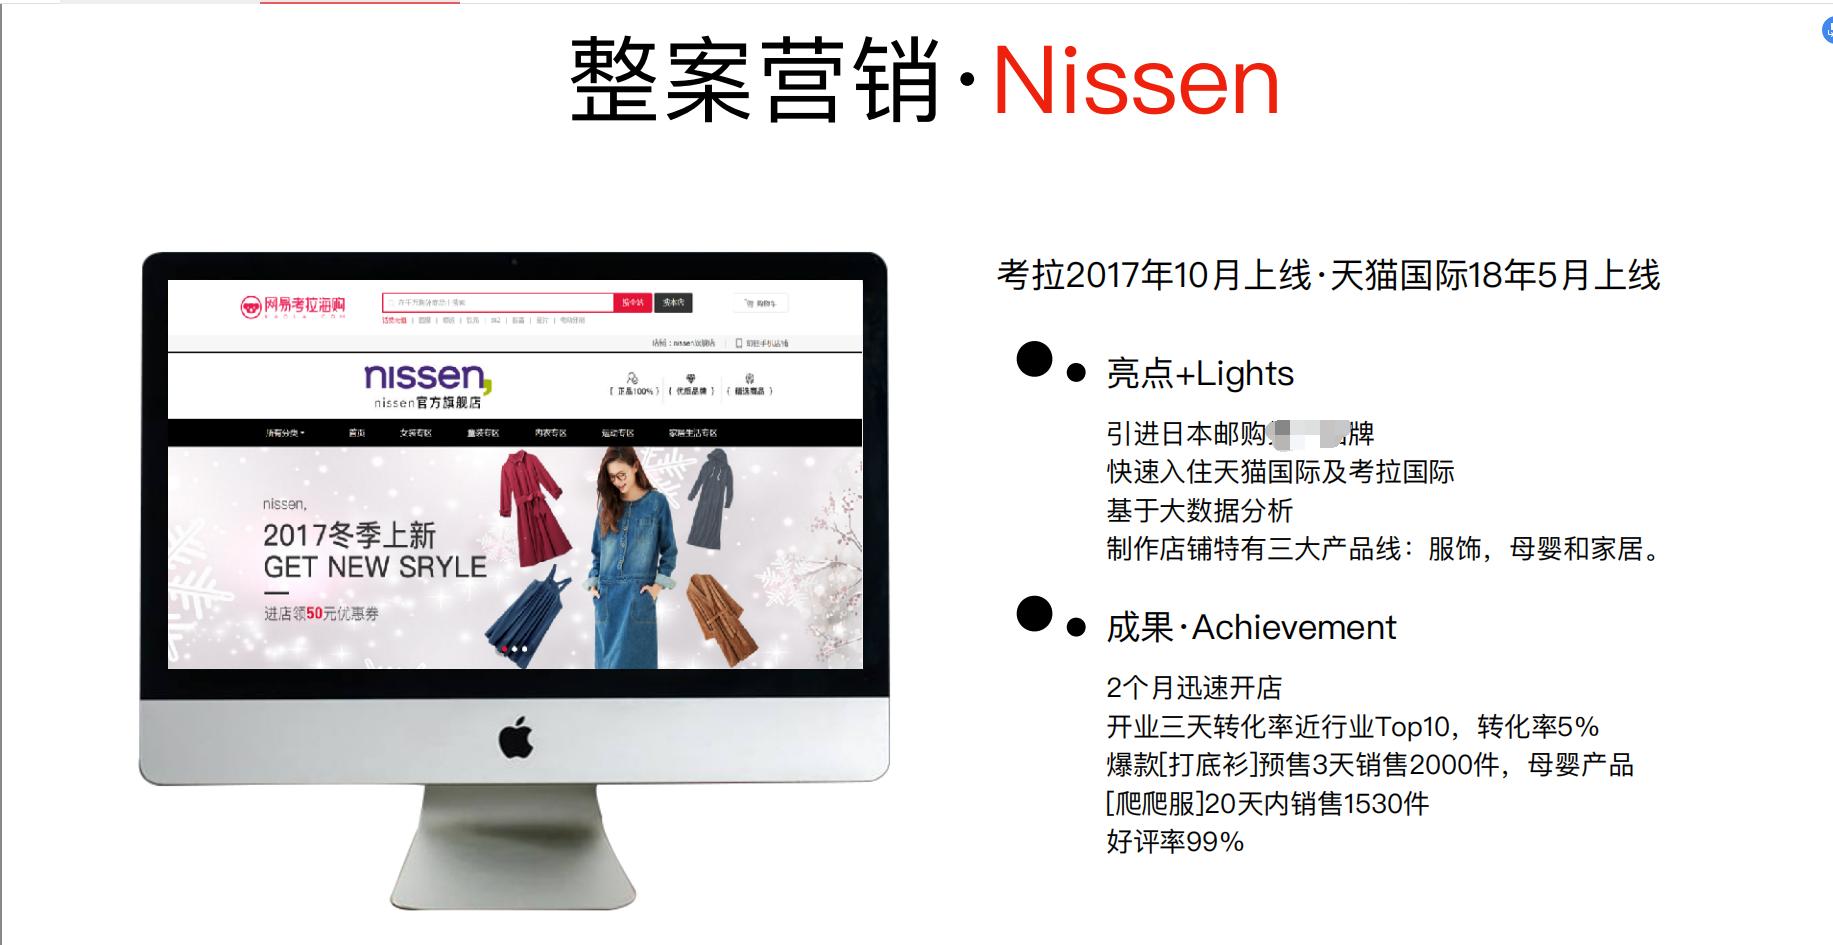 杭州整合营销推广品牌口碑文案产品品牌宣传营销市场拓展策划